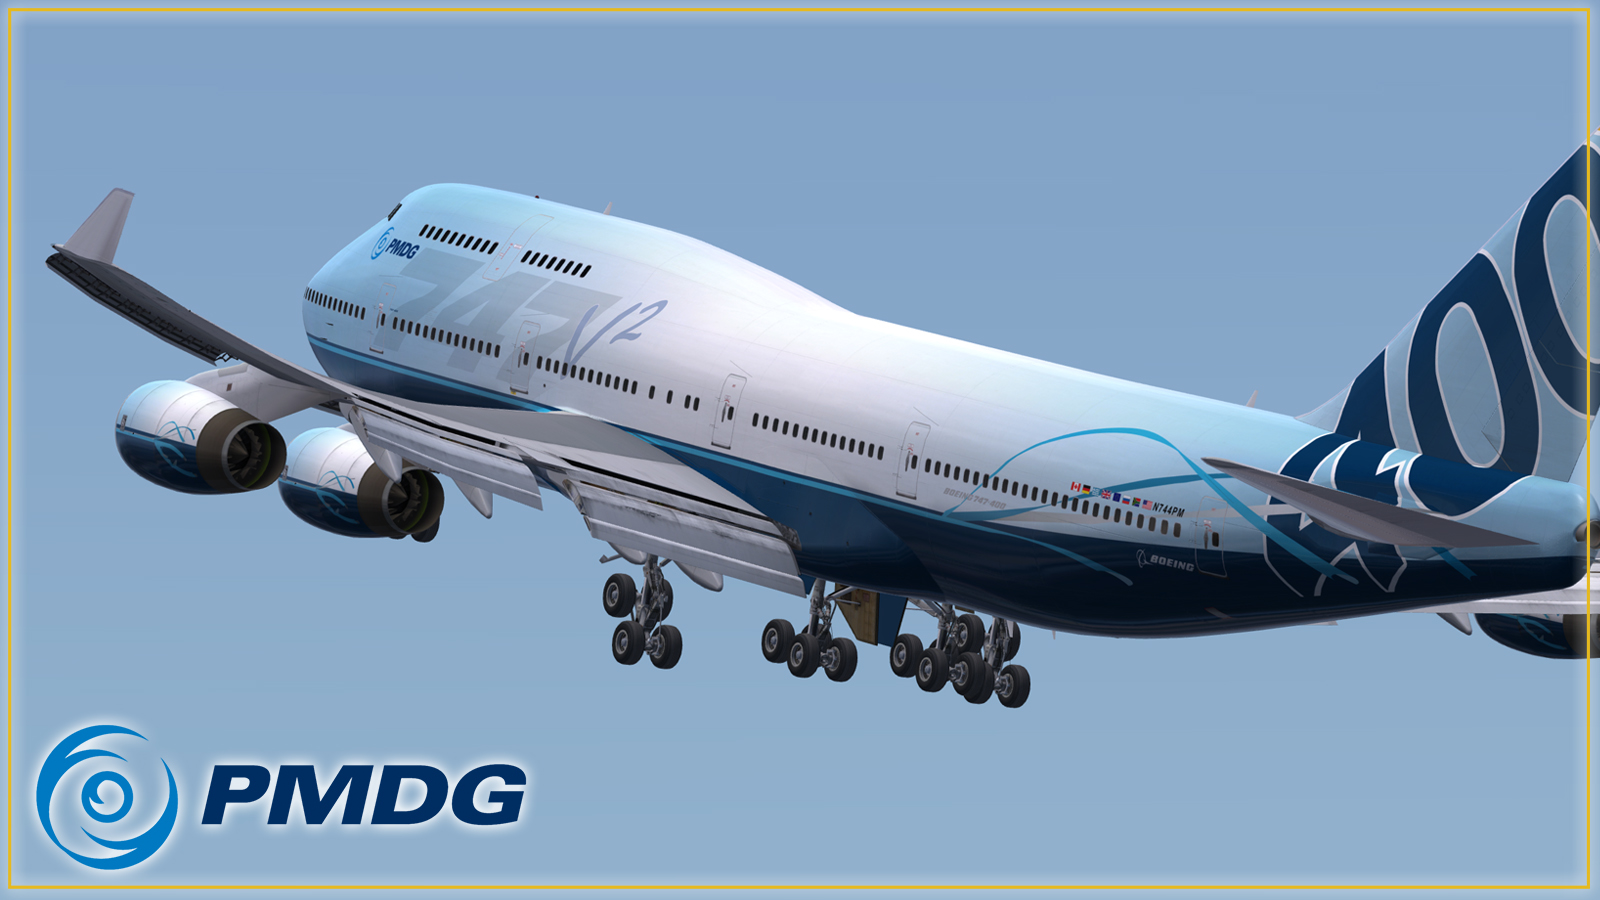 PMDG_744v2_flyby.jpg